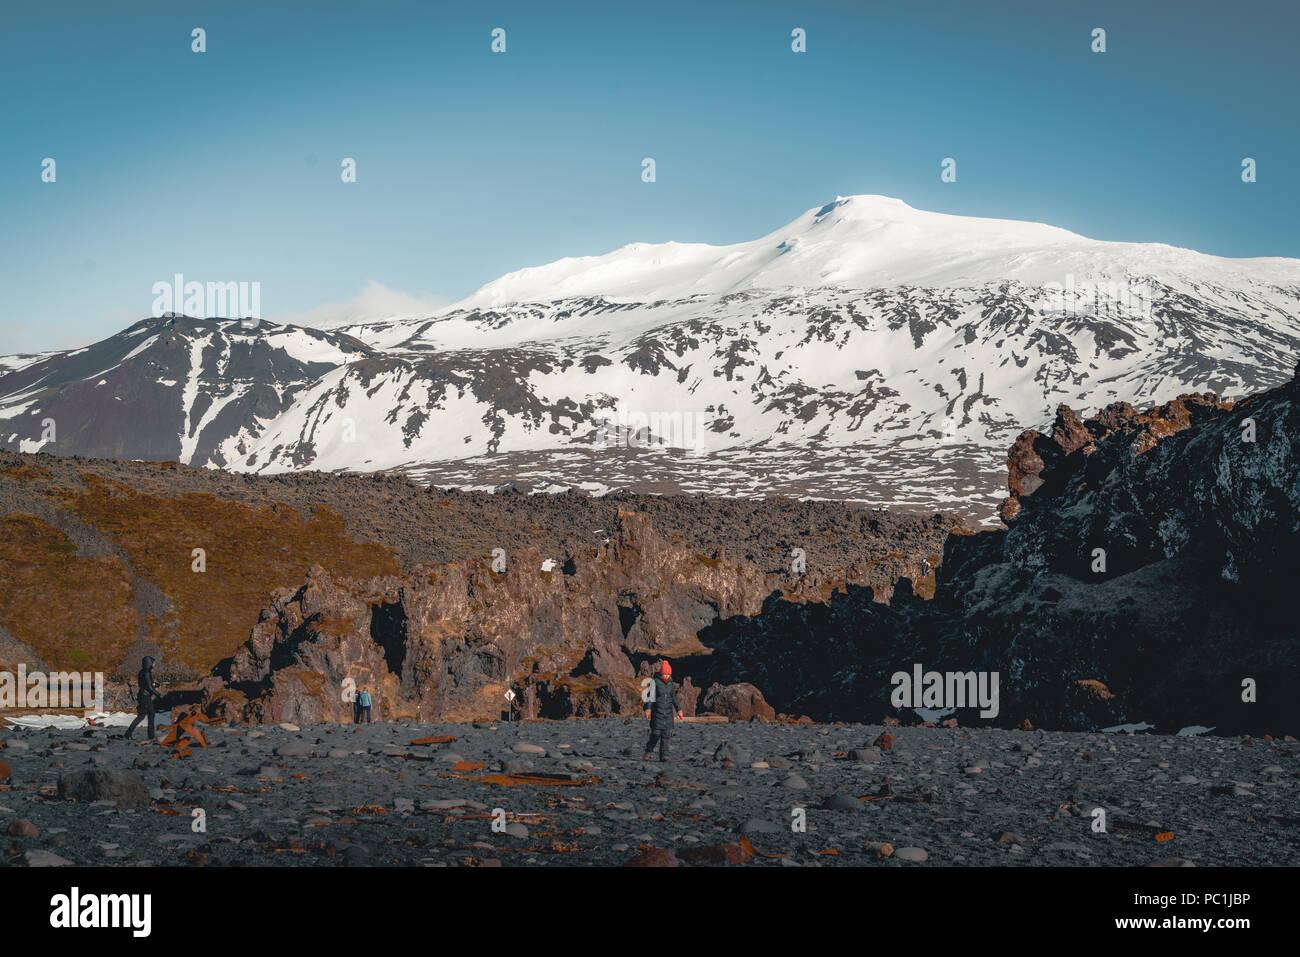 Plage de sable noir de l'Islande avec snaefellsnesjokull la neige en montagne ciel bleu en arrière-plan. Du côté de l'Ouest si le pays. Photo Stock